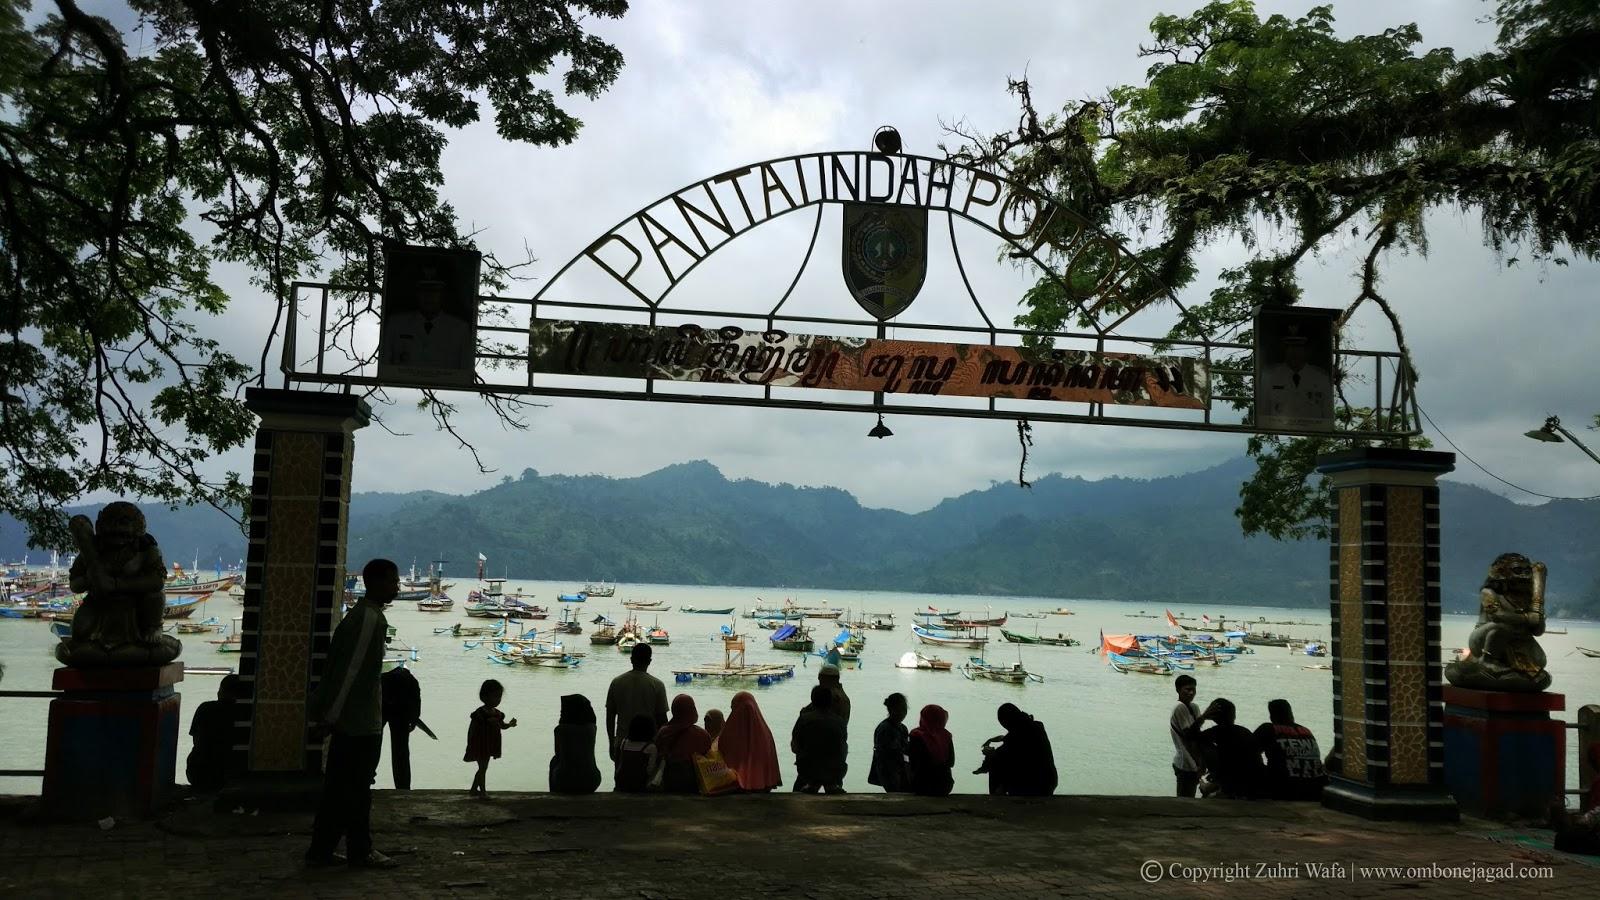 Daftar Tempat Wisata Tulungagung Terbaru Hits 2018 Pantai Popoh Taman